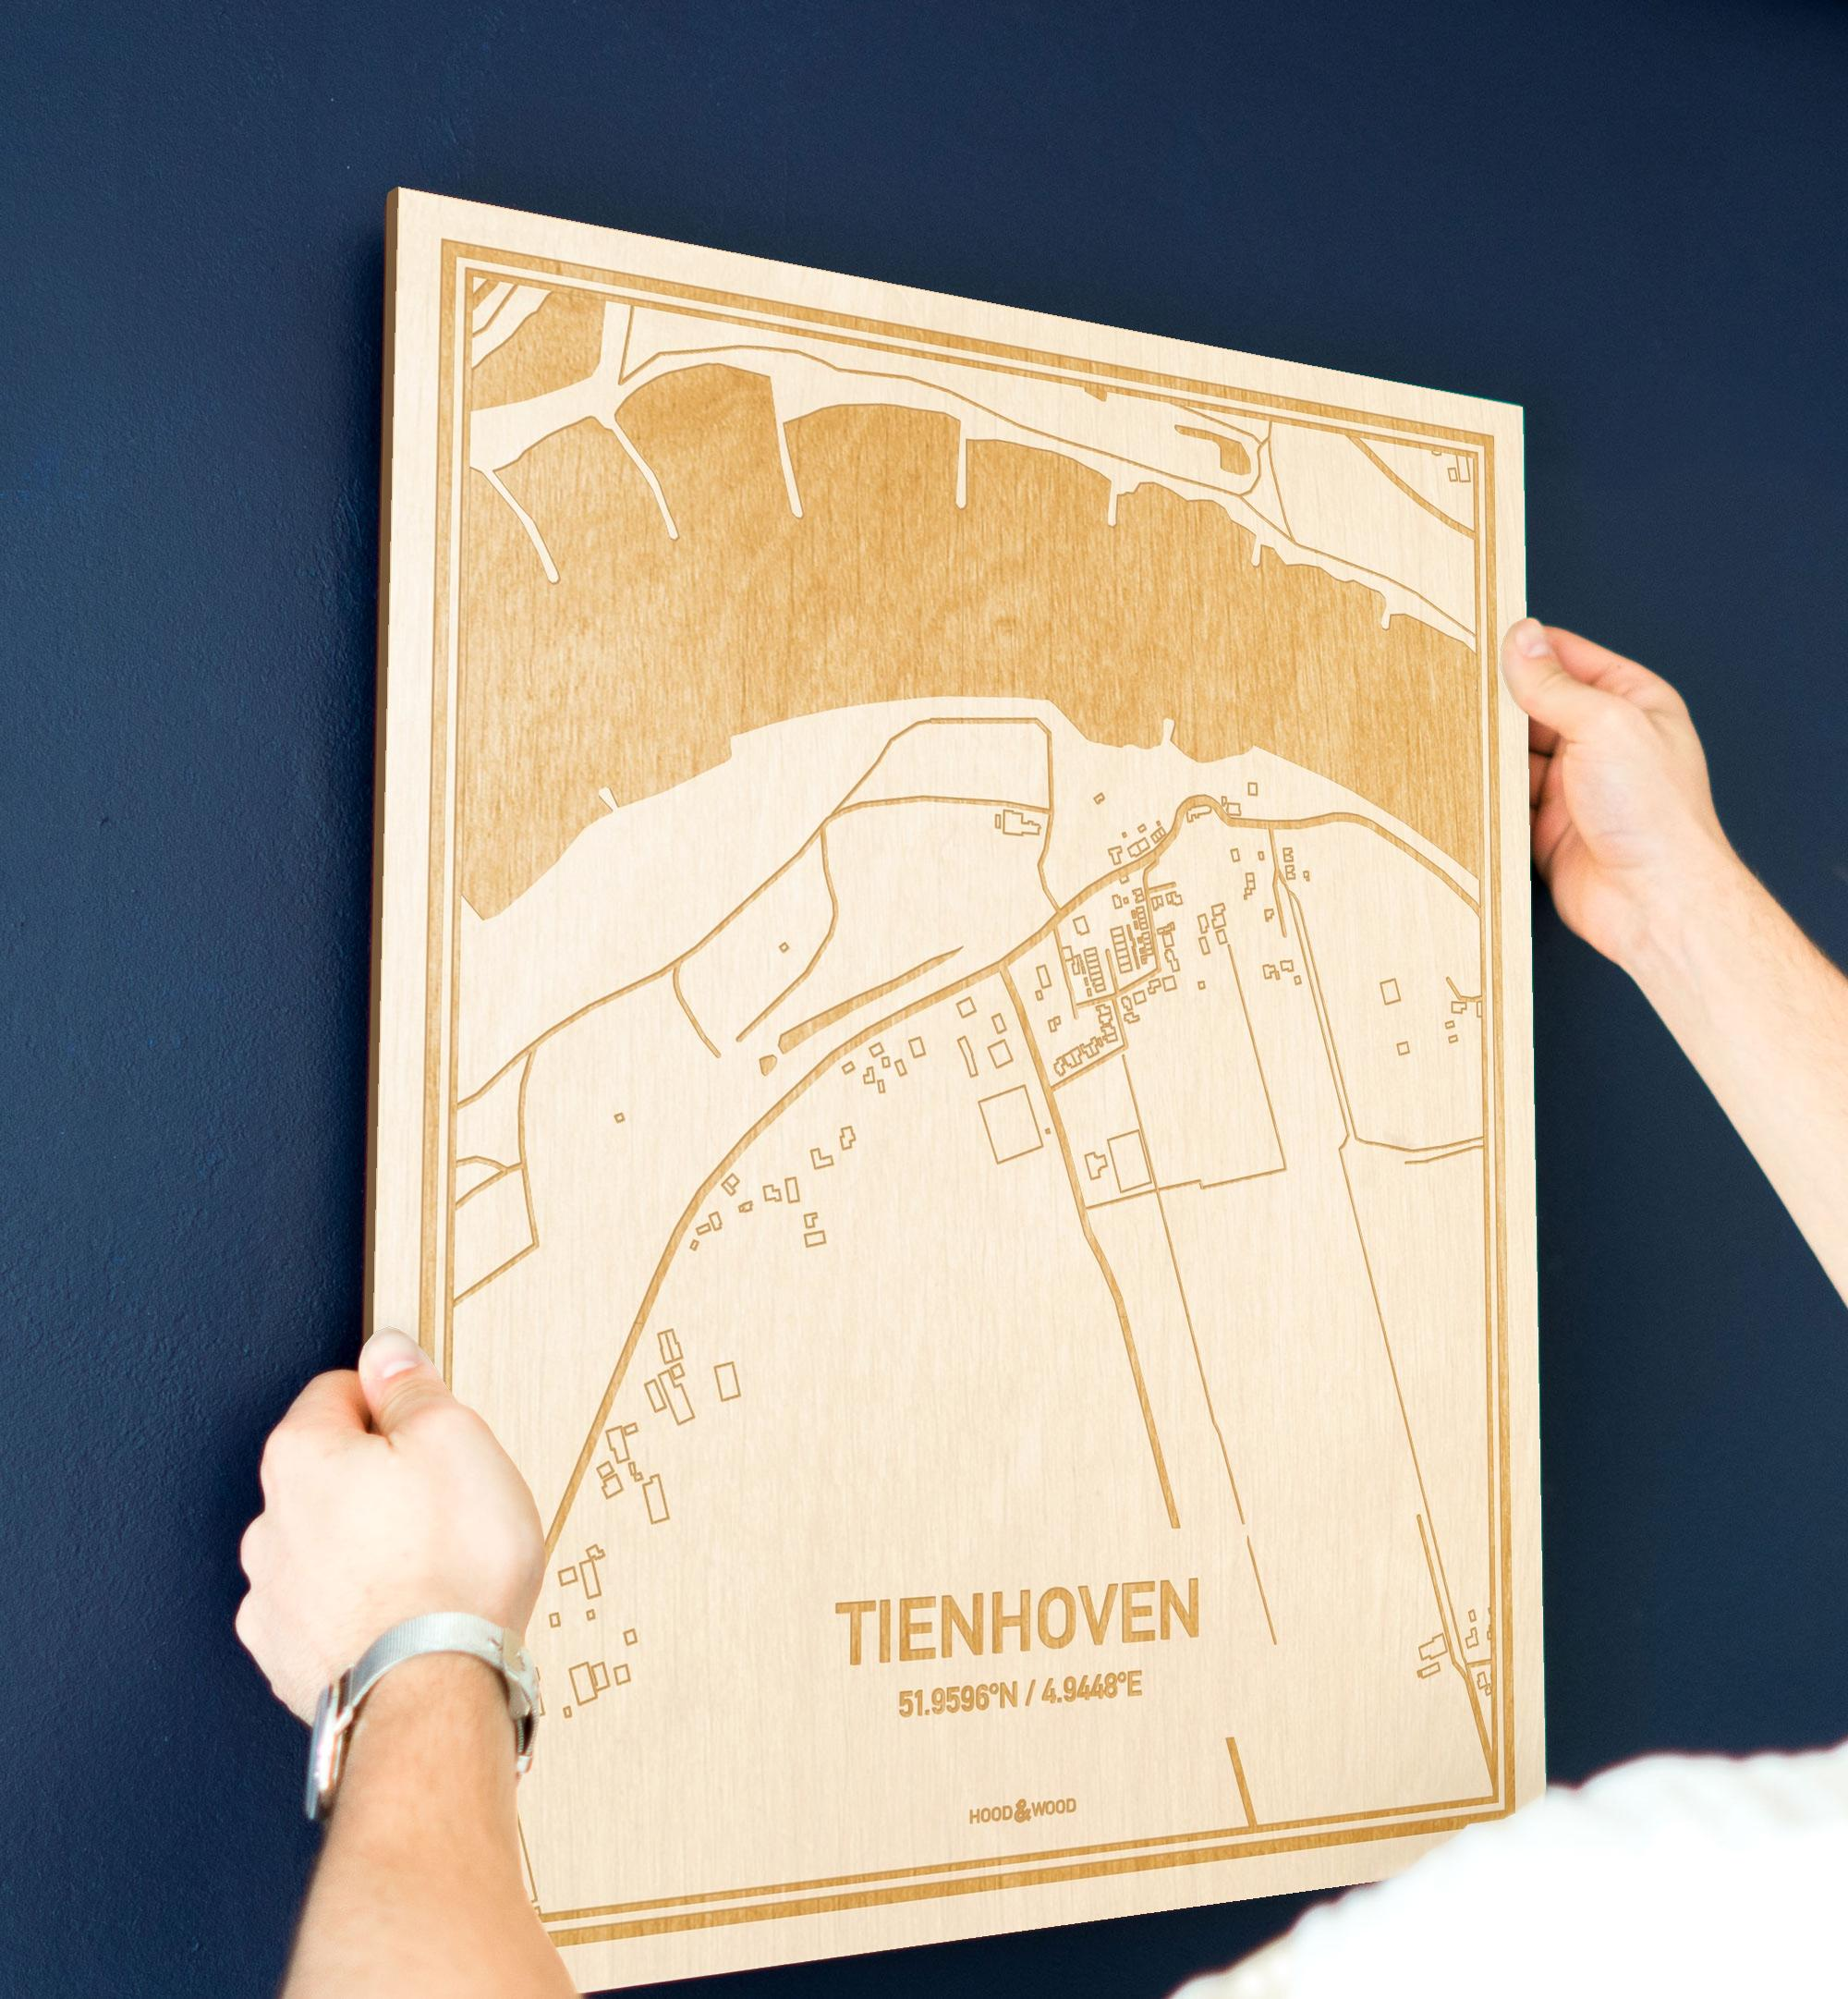 Een man hangt de houten plattegrond Tienhoven aan zijn blauwe muur ter decoratie. Je ziet alleen zijn handen de kaart van deze opvallende in Utrecht vasthouden.